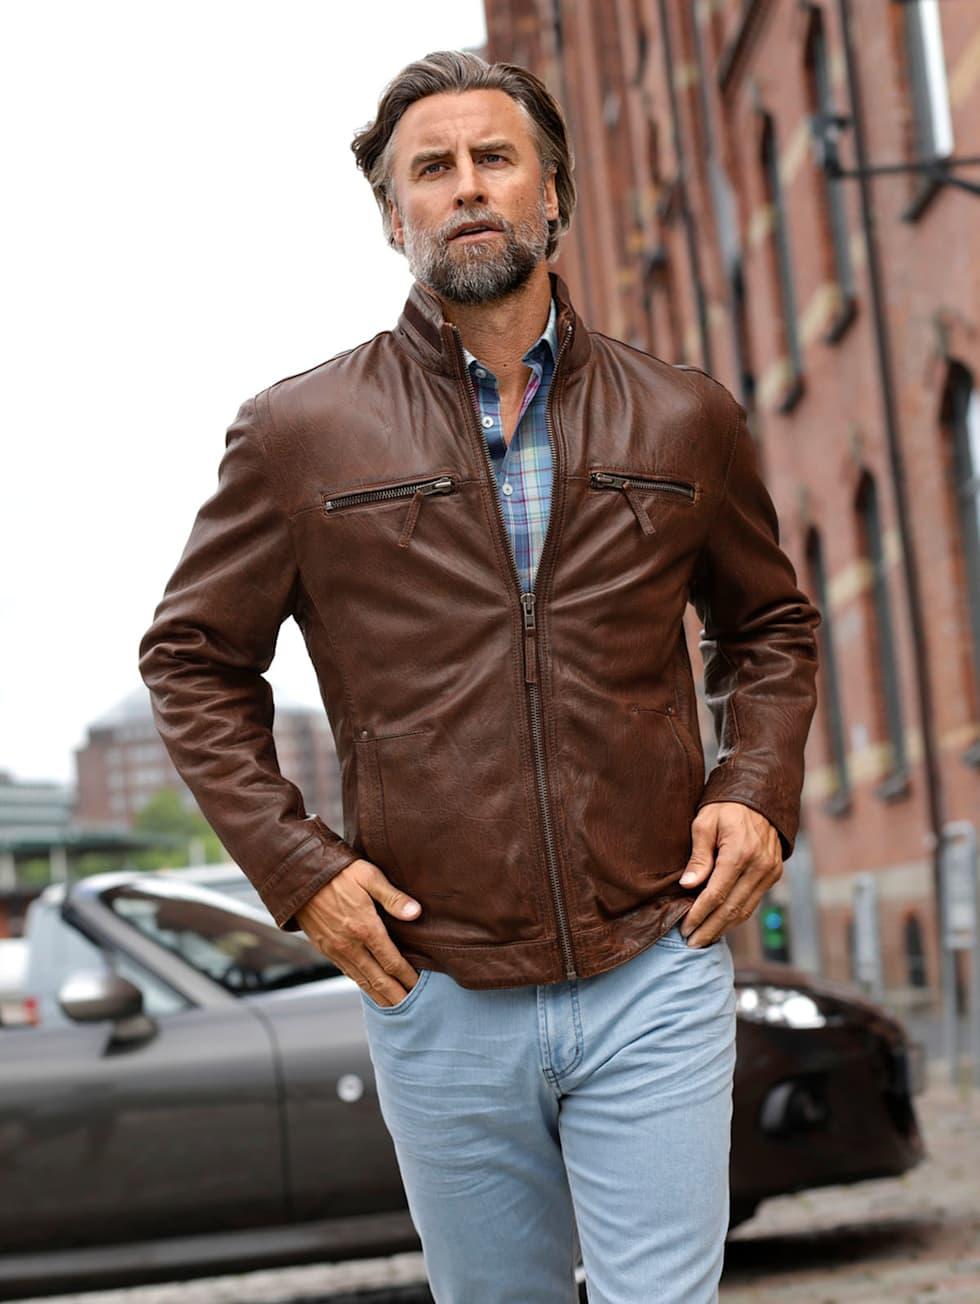 Casual-Outfit: Lederjacke in Braun, kariertes Hemd und hellblaue Jeans